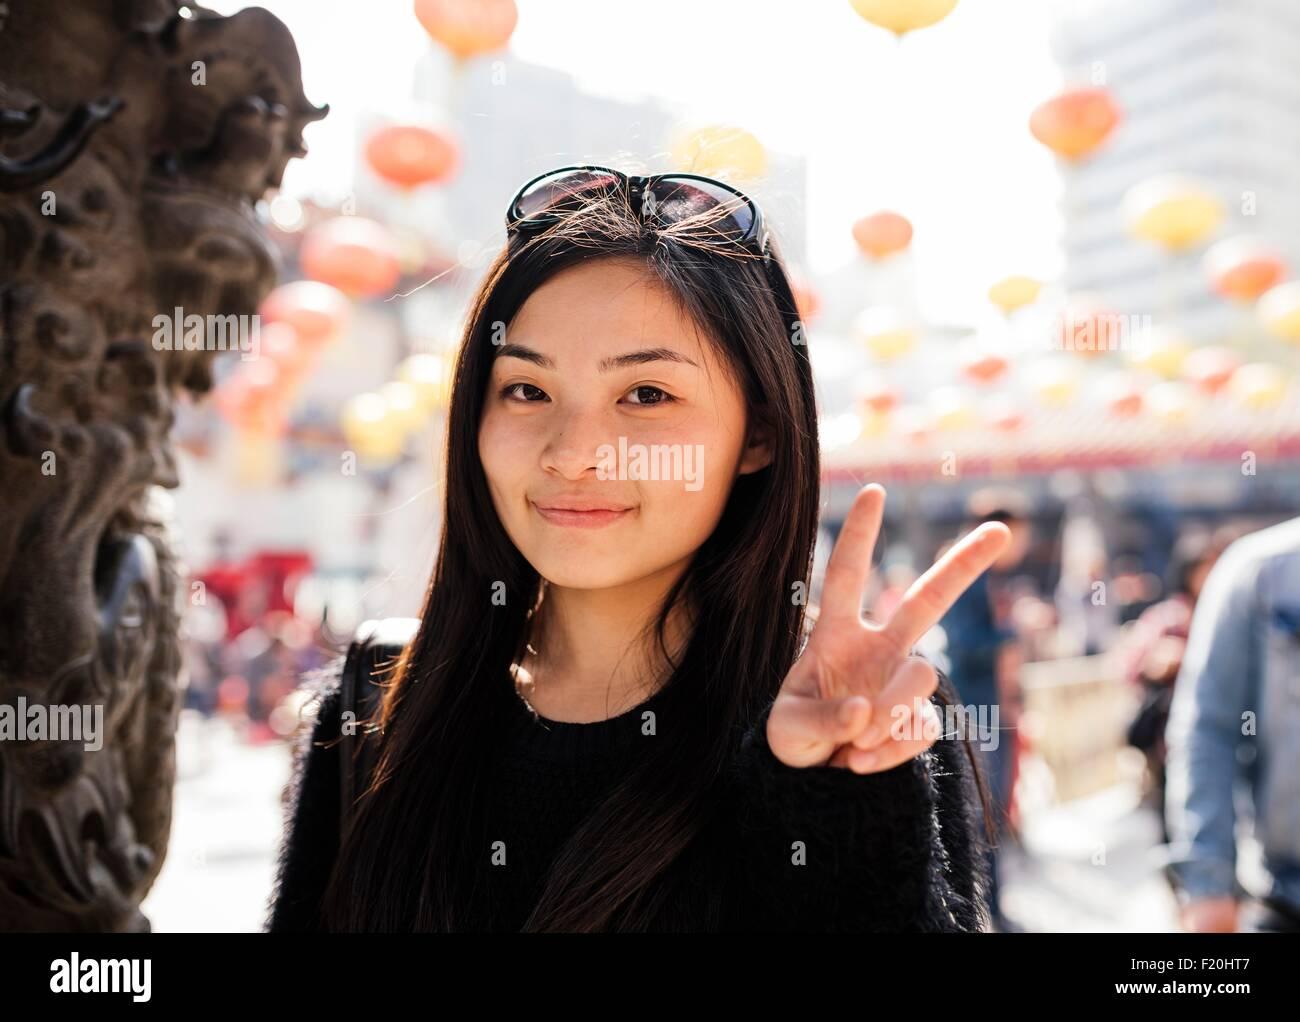 Porträt der jungen Frau mit langen Haaren und Sonnenbrille auf Kopf tun, Peace-Zeichen, Blick in die Kamera Stockbild